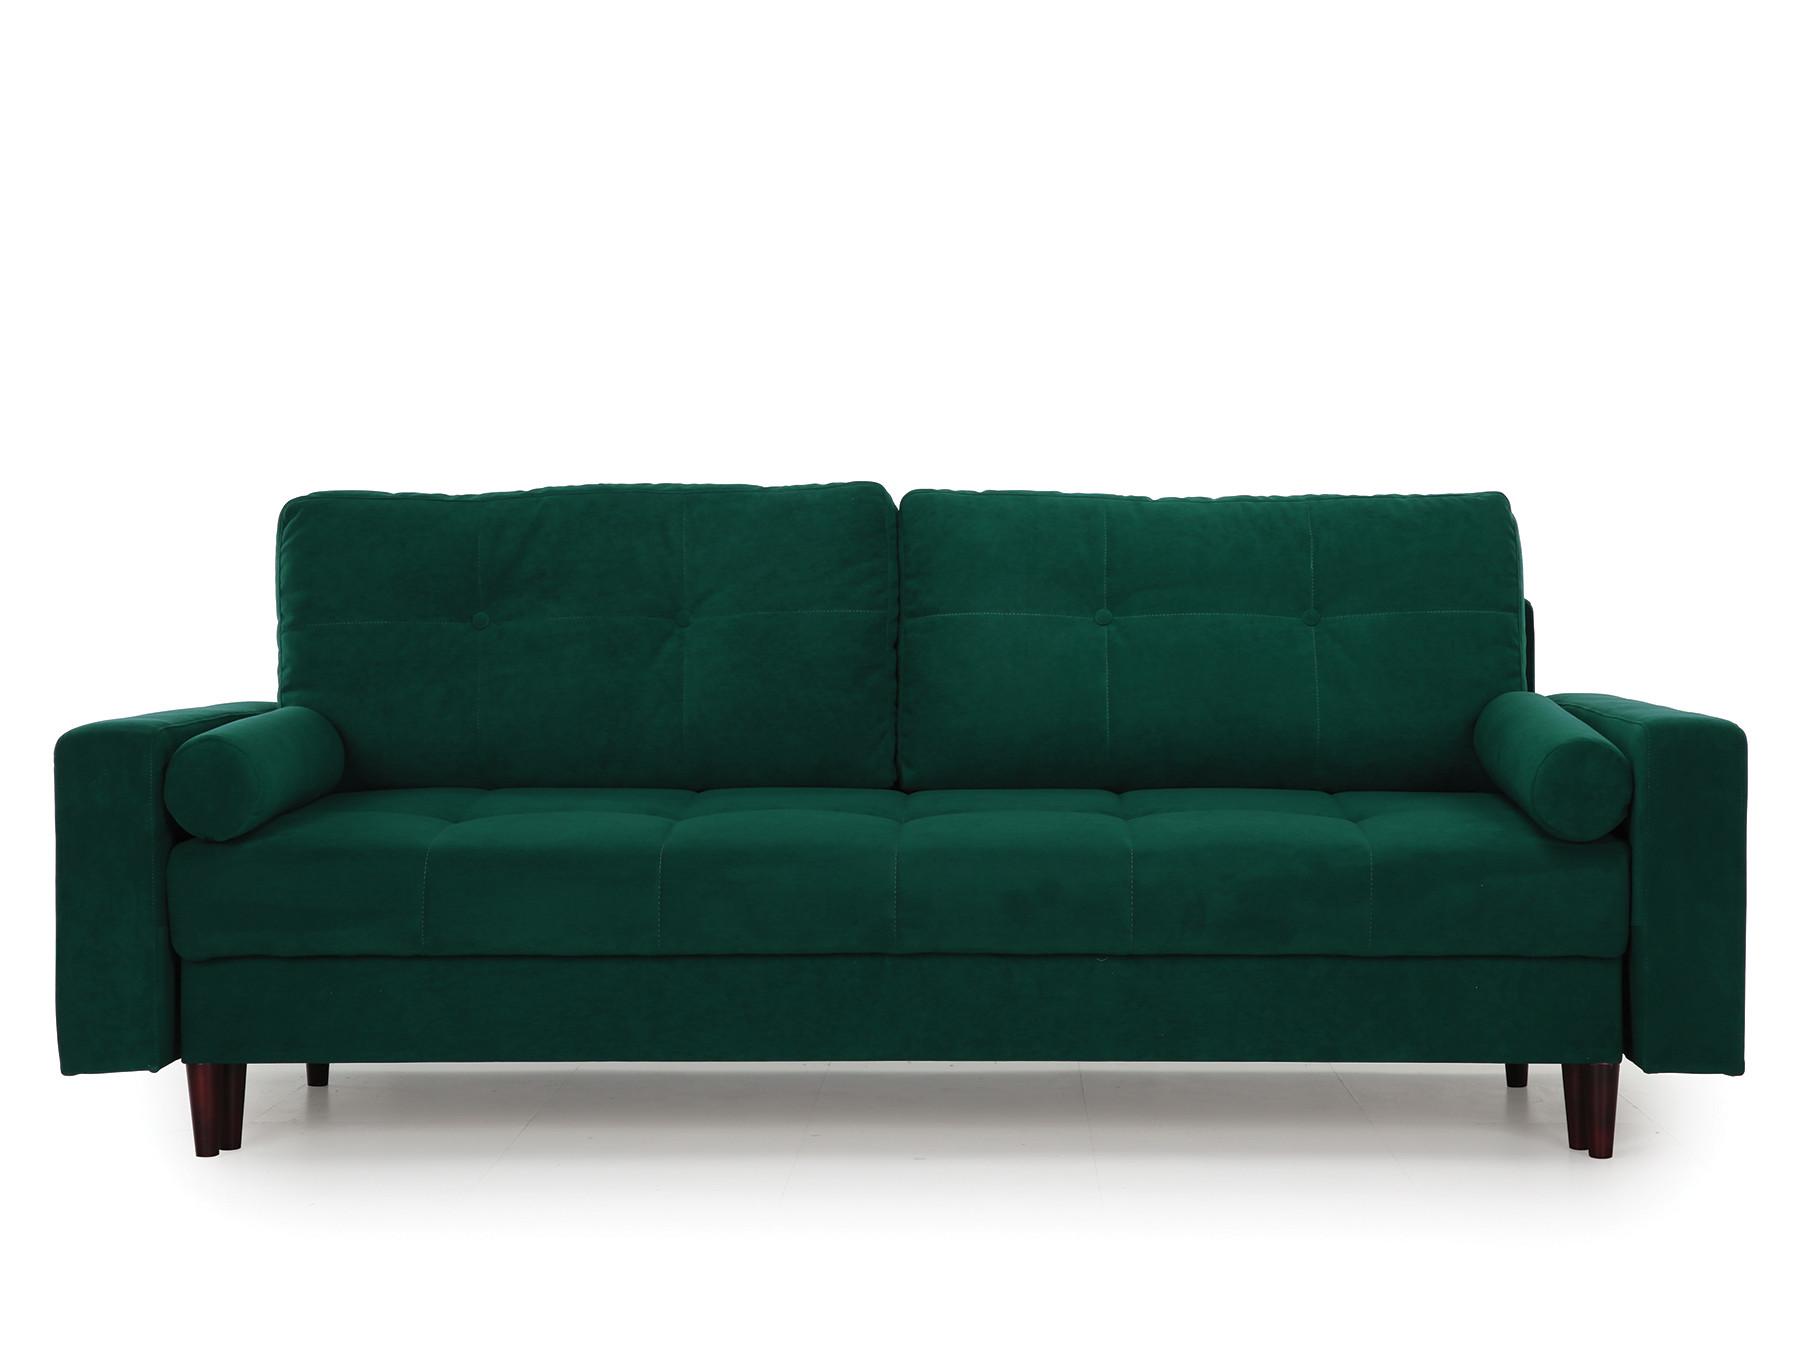 Диван-кровать Лоретт MebelVia , Зеленый, Велюр, ДСП, ДВП, Брус Зеленый